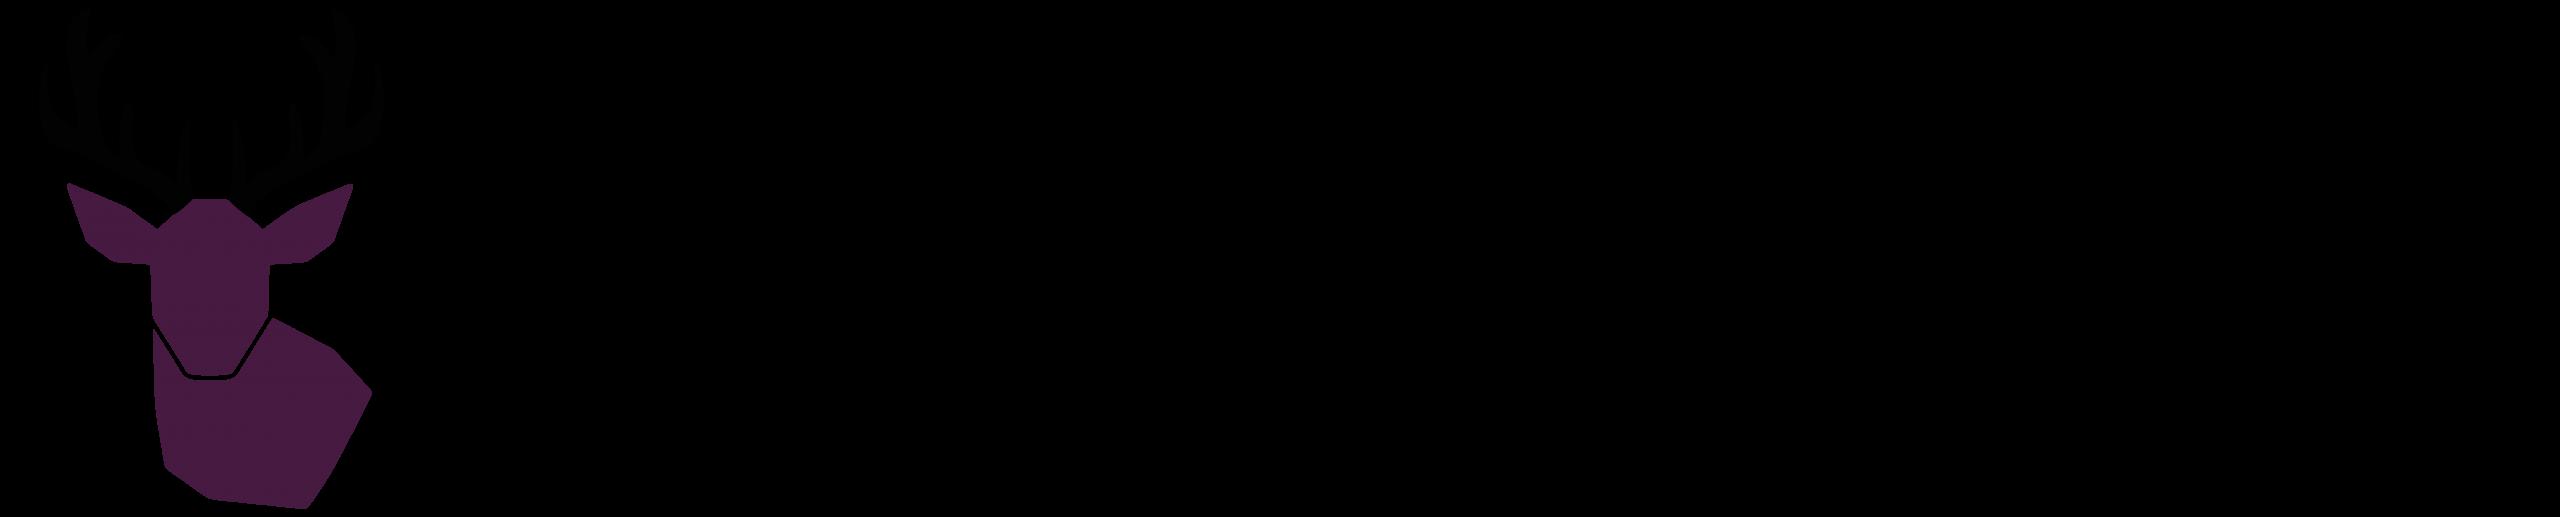 Tigwali